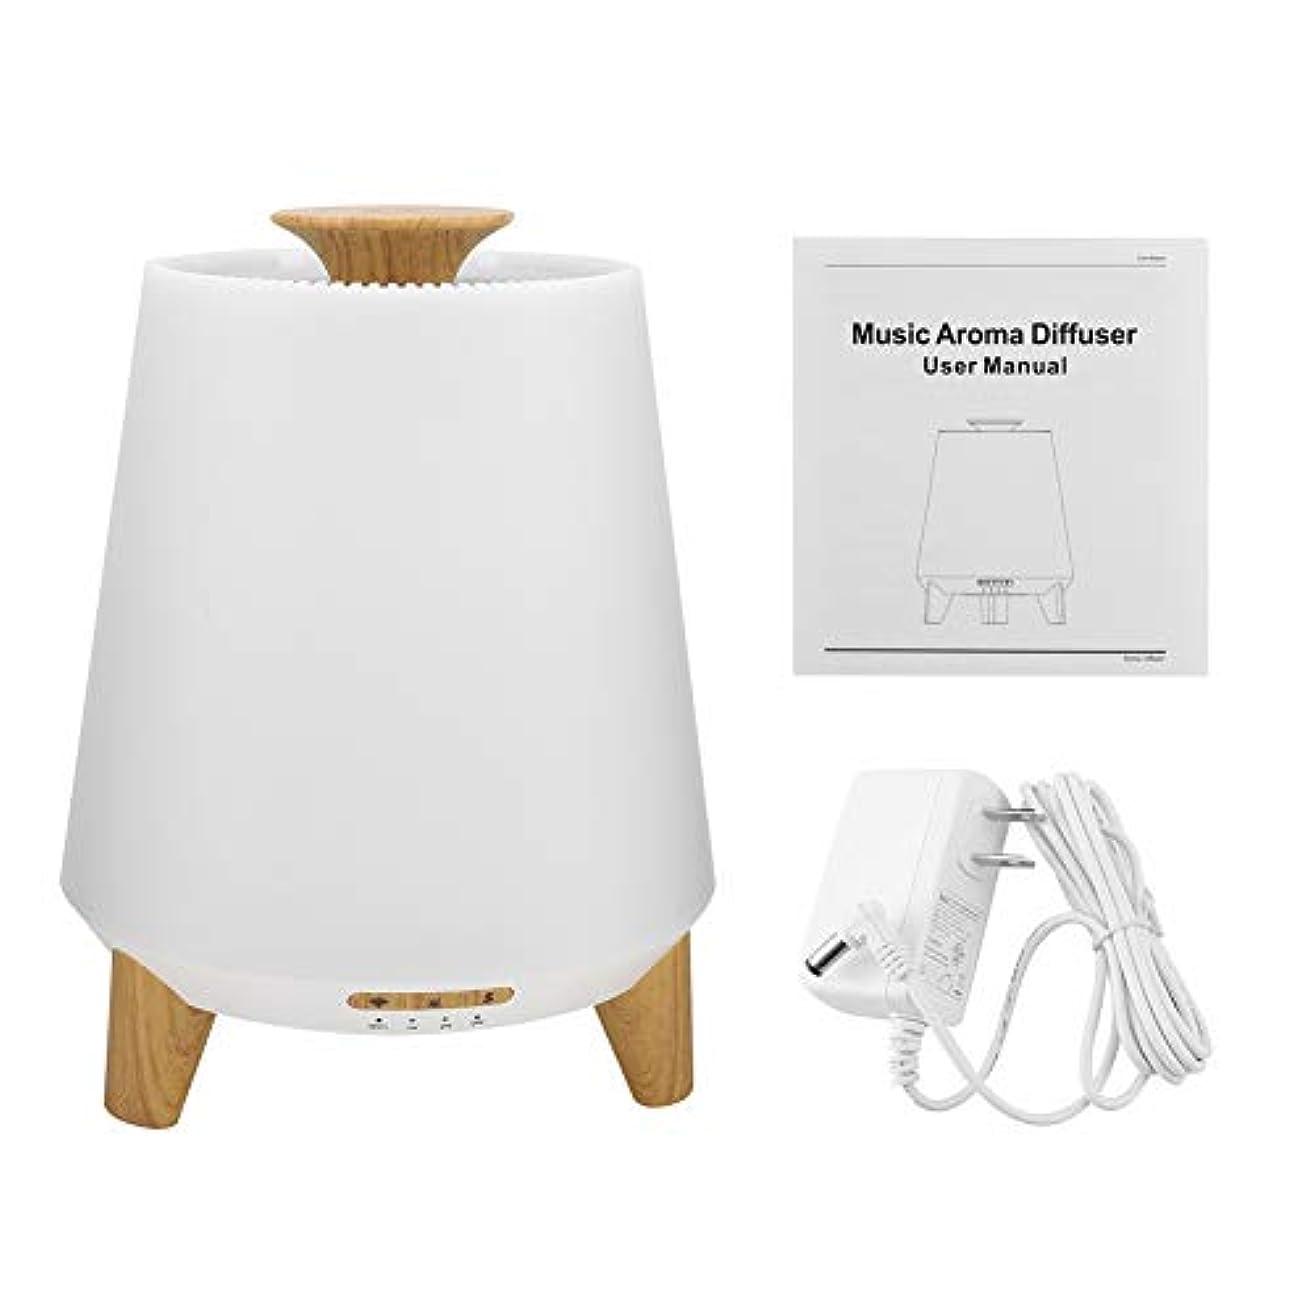 かなりの必要条件インタネットを見る加湿器 アロマディフューザー 音楽プレーヤー 3 in 1 7色LEDライト クールミスト WIFI スマート 超音波 アロマ エッセンシャルオイル 互換性用 300ml(#1)